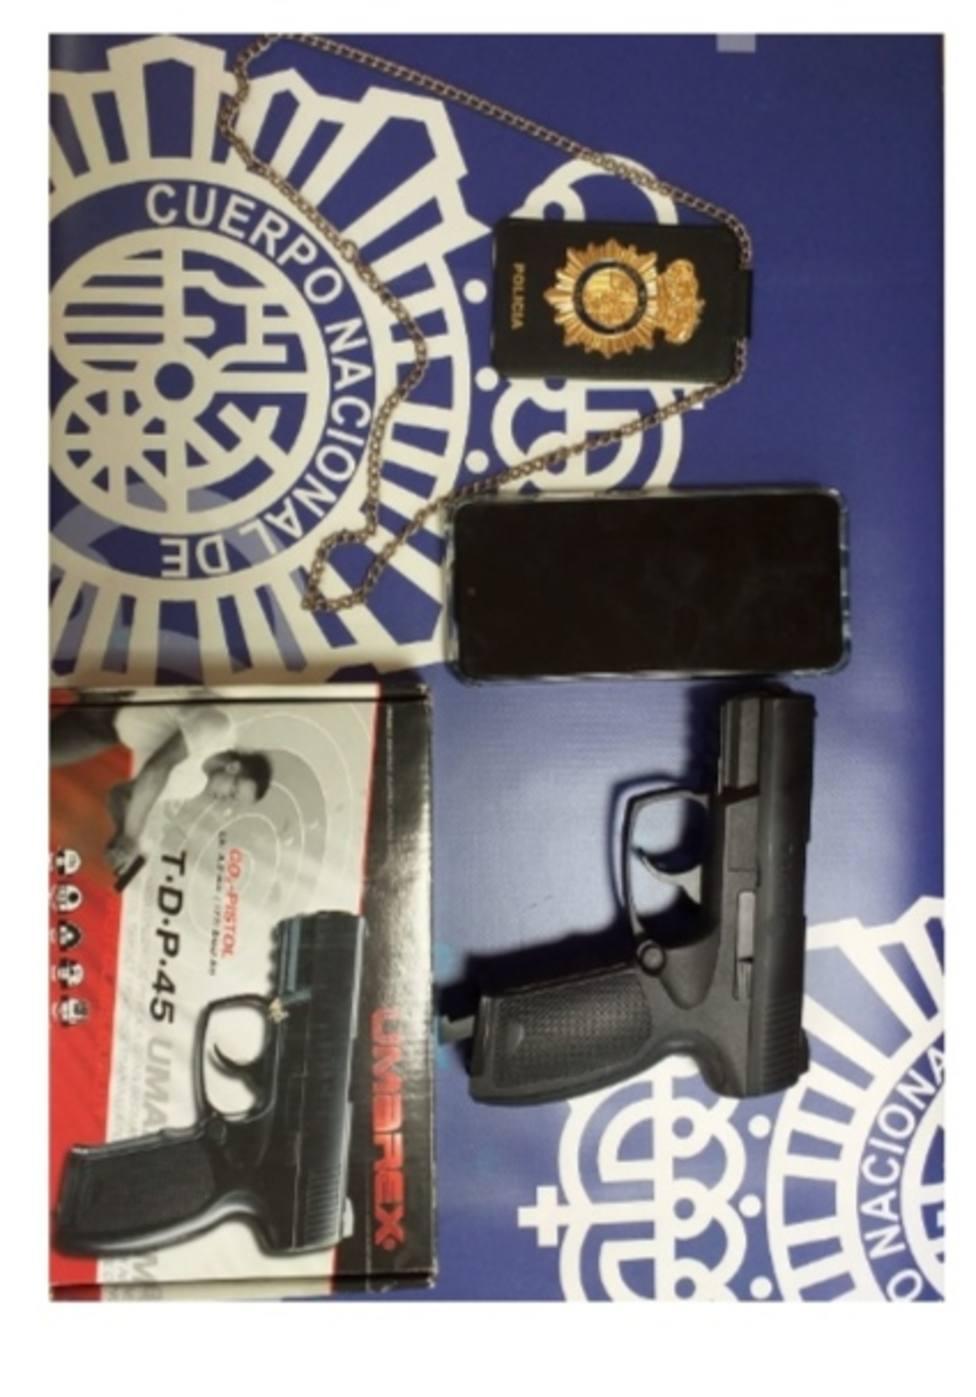 Placa y pistola falsas intervenidas por la Policía Nacional